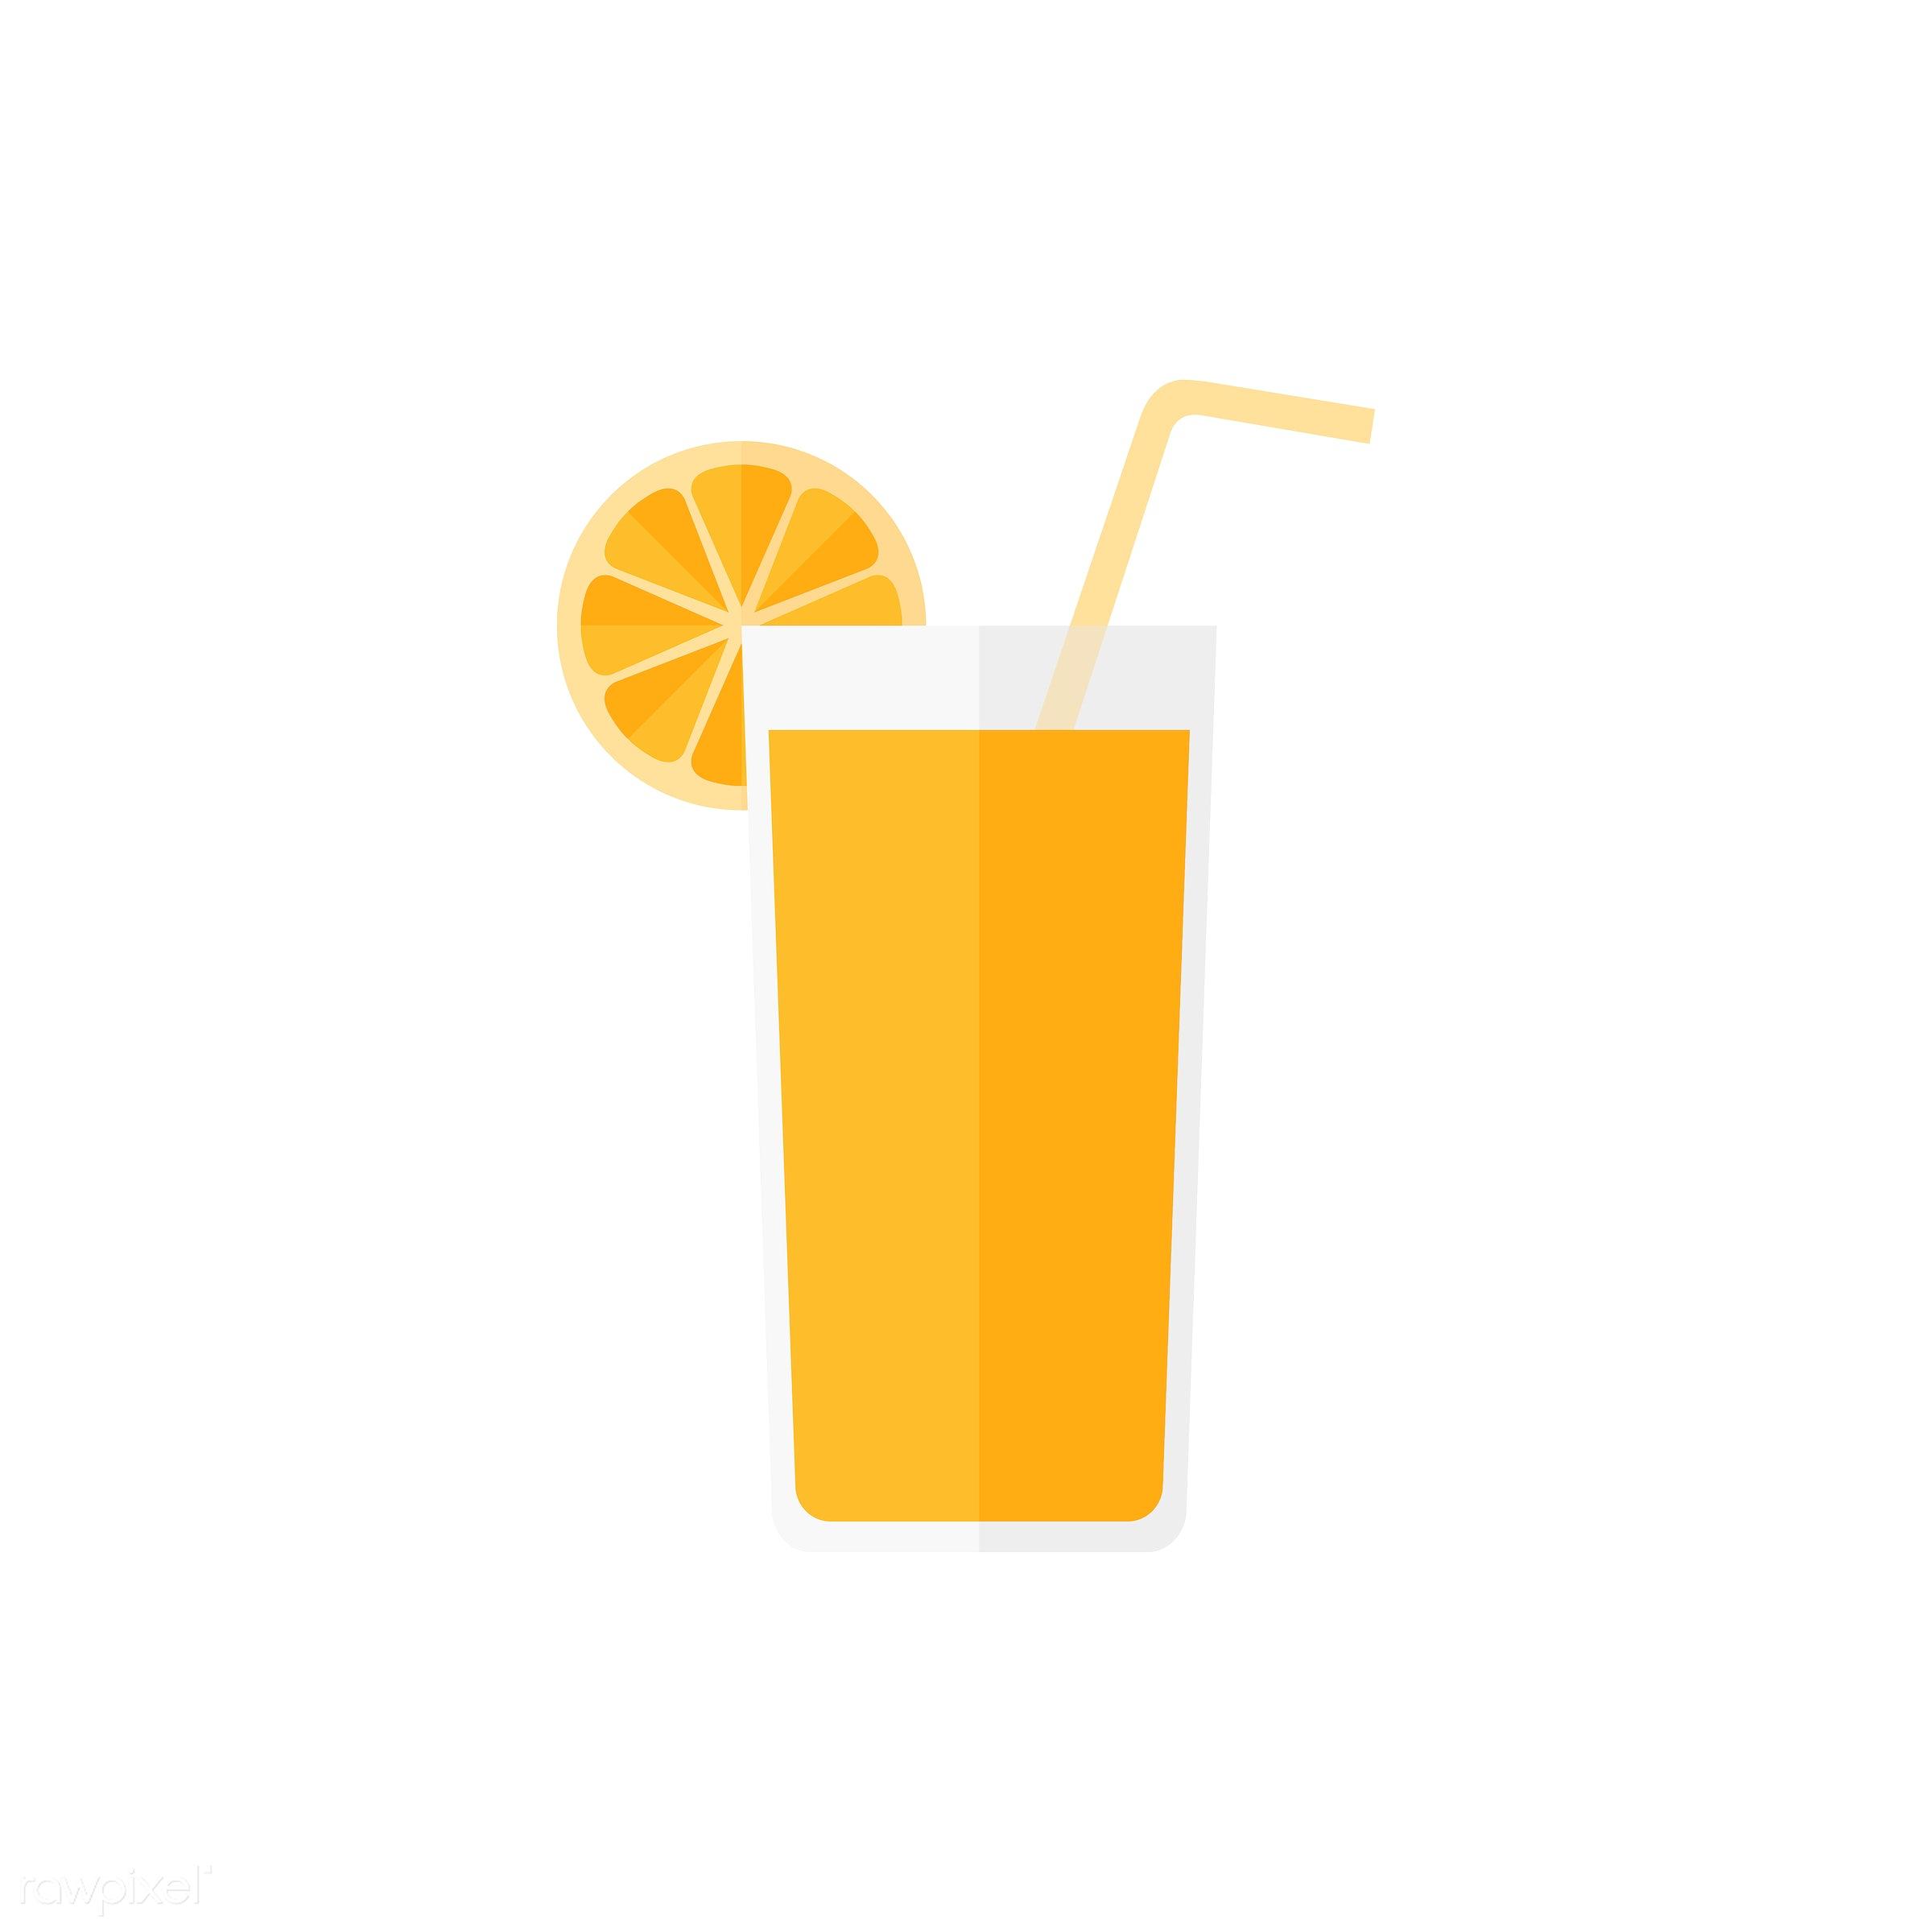 Orange juice vector - vector, graphic, illustration, icon, symbol, colorful, cute, drink, beverage, water, orange juice,...